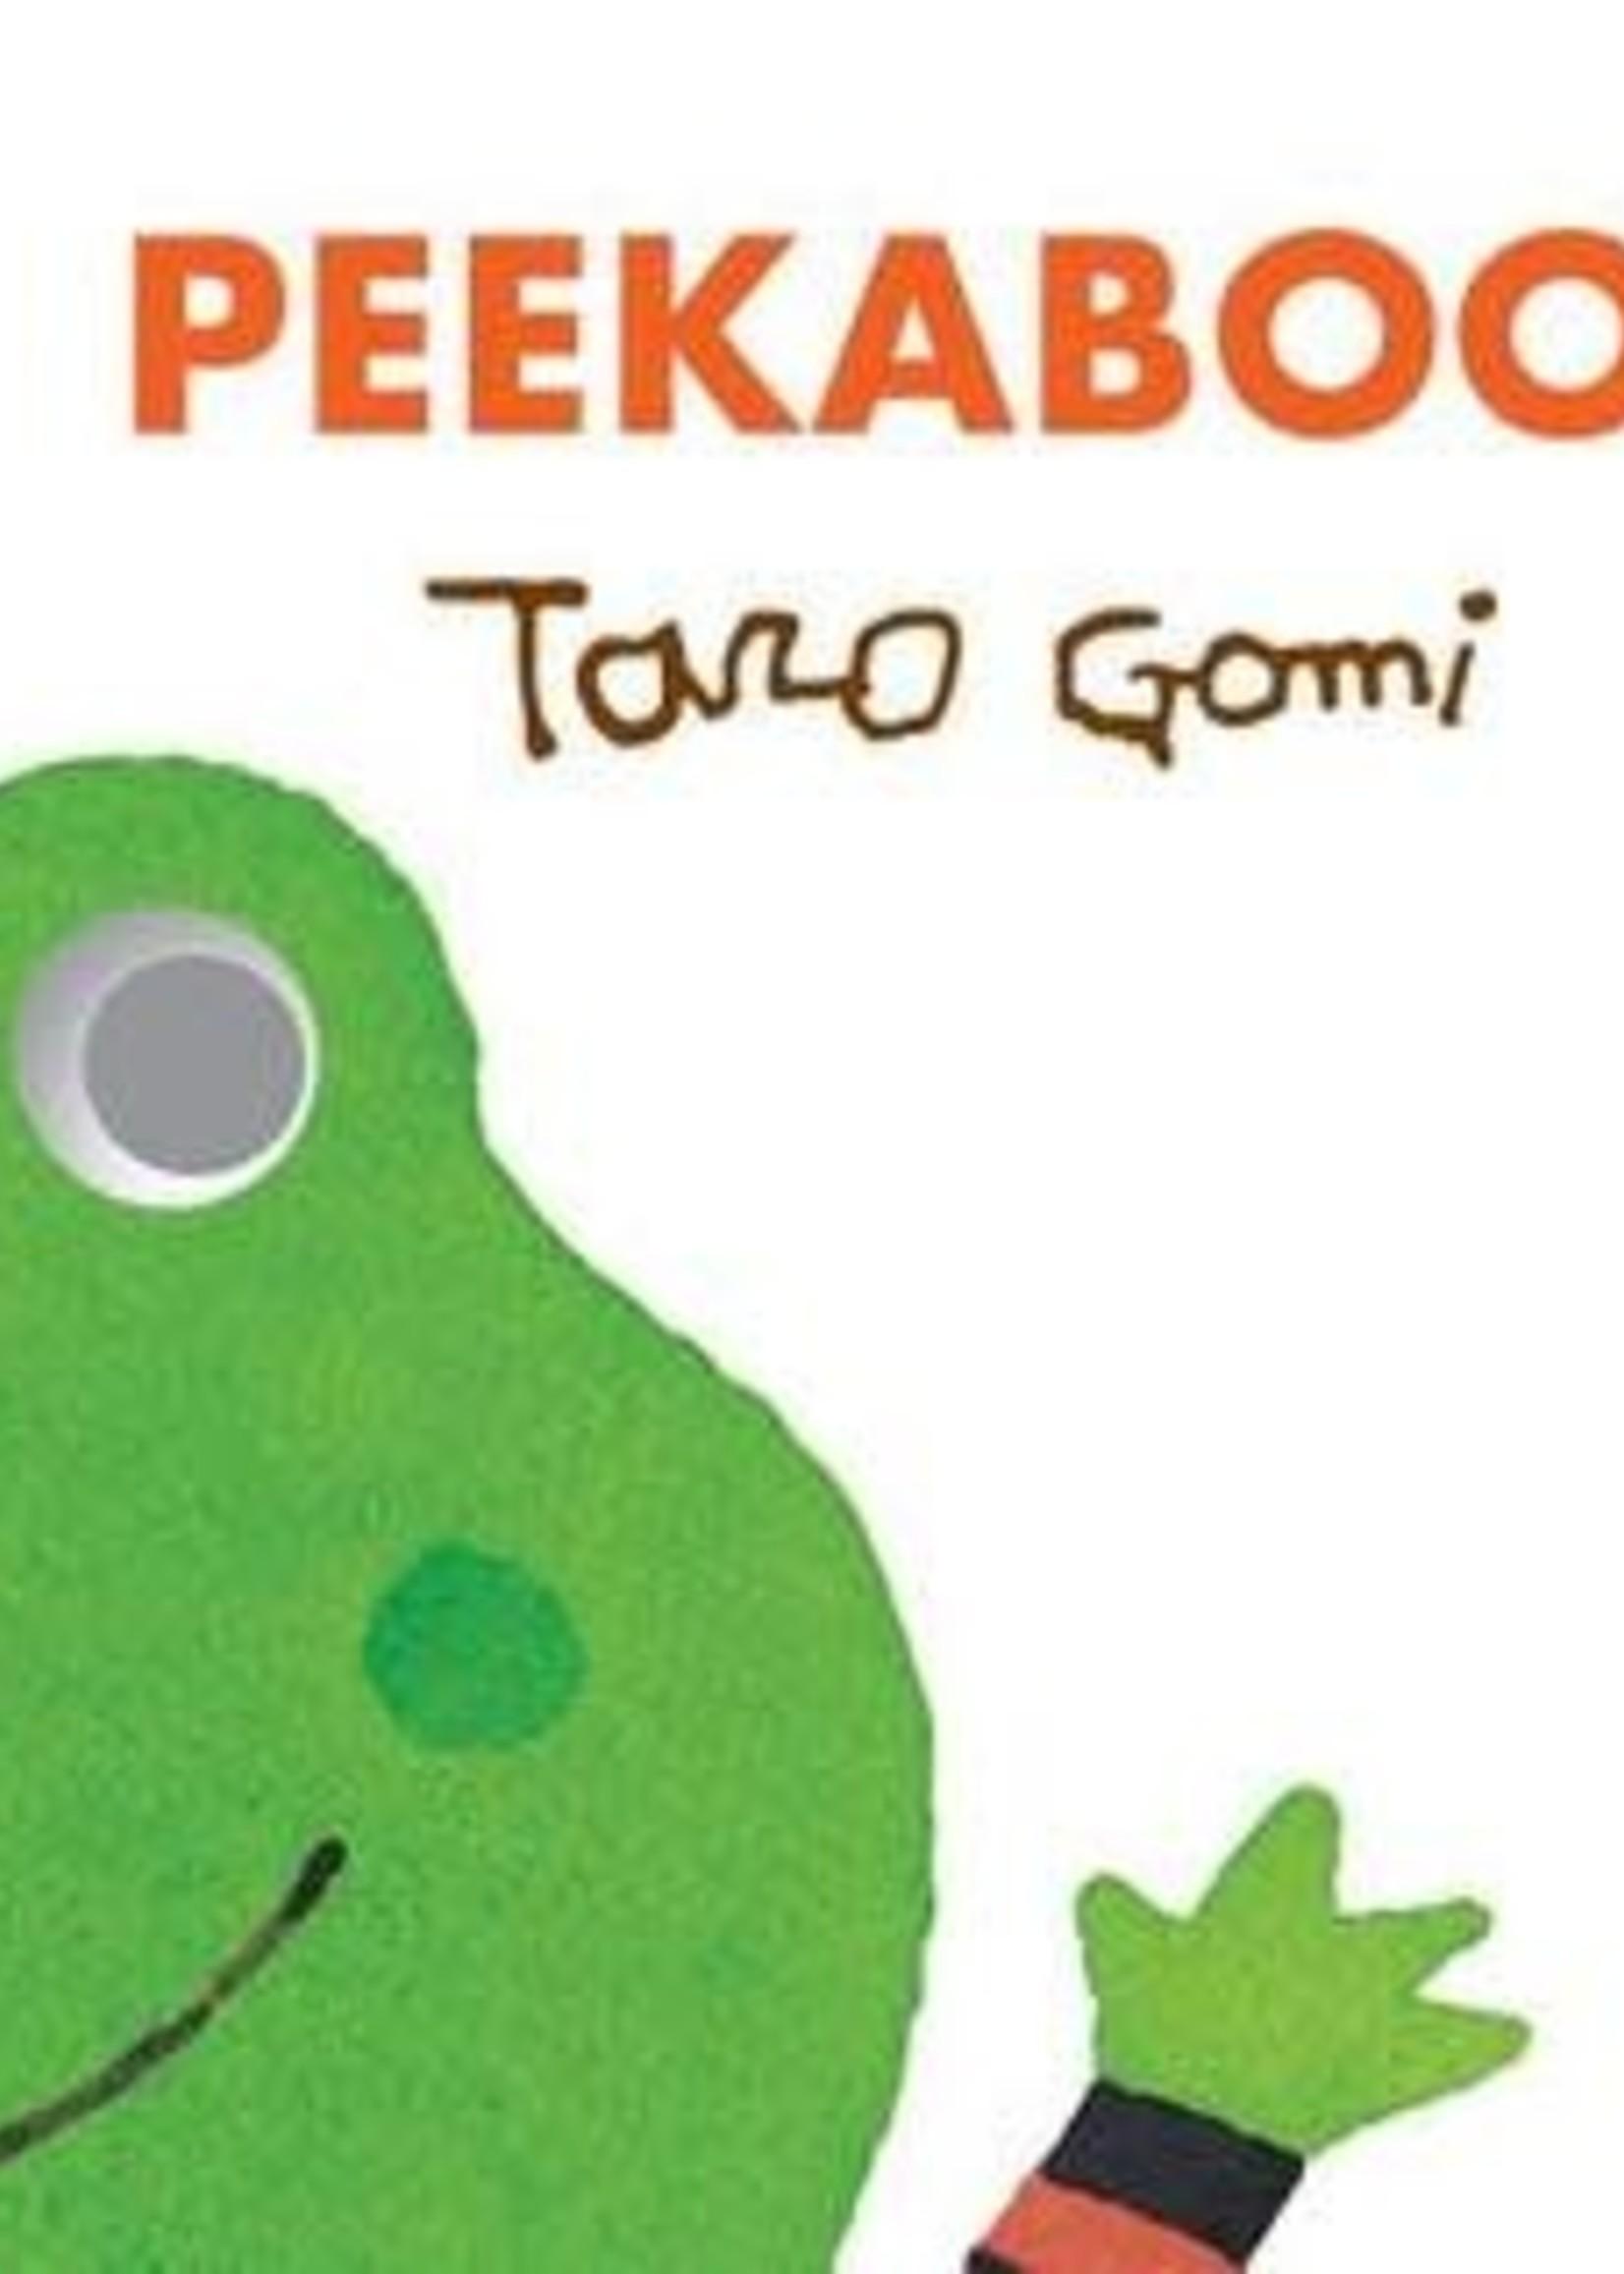 Peekaboo! by Taro Gomi